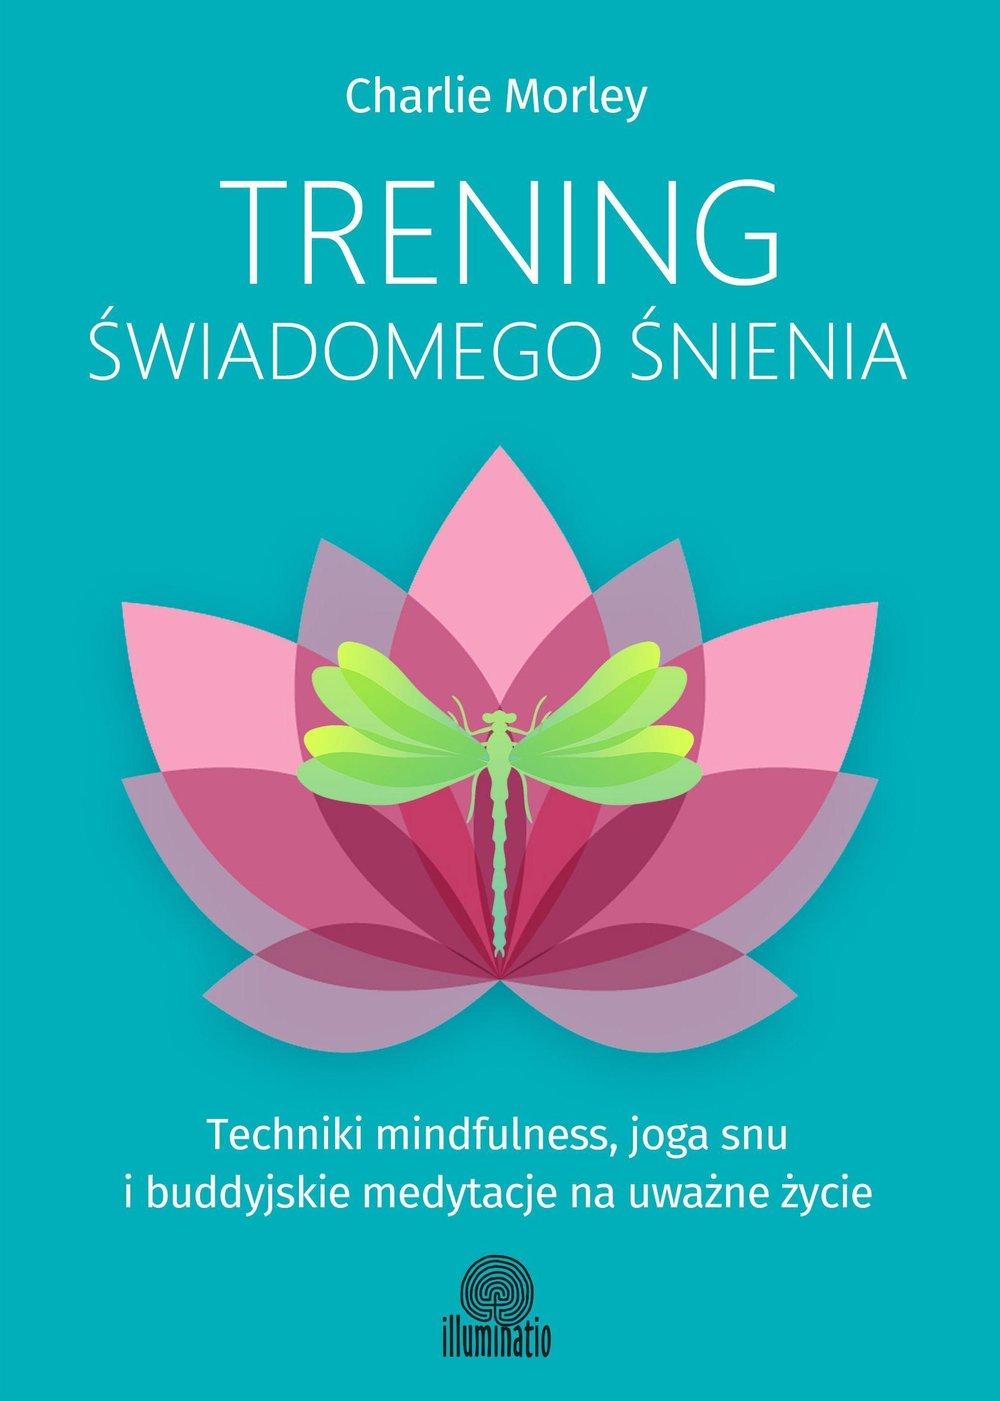 Trening świadomego śnienia. Techniki mindfulness, joga snu ibuddyjskie medytacje na uważne życie - Ebook (Książka na Kindle) do pobrania w formacie MOBI